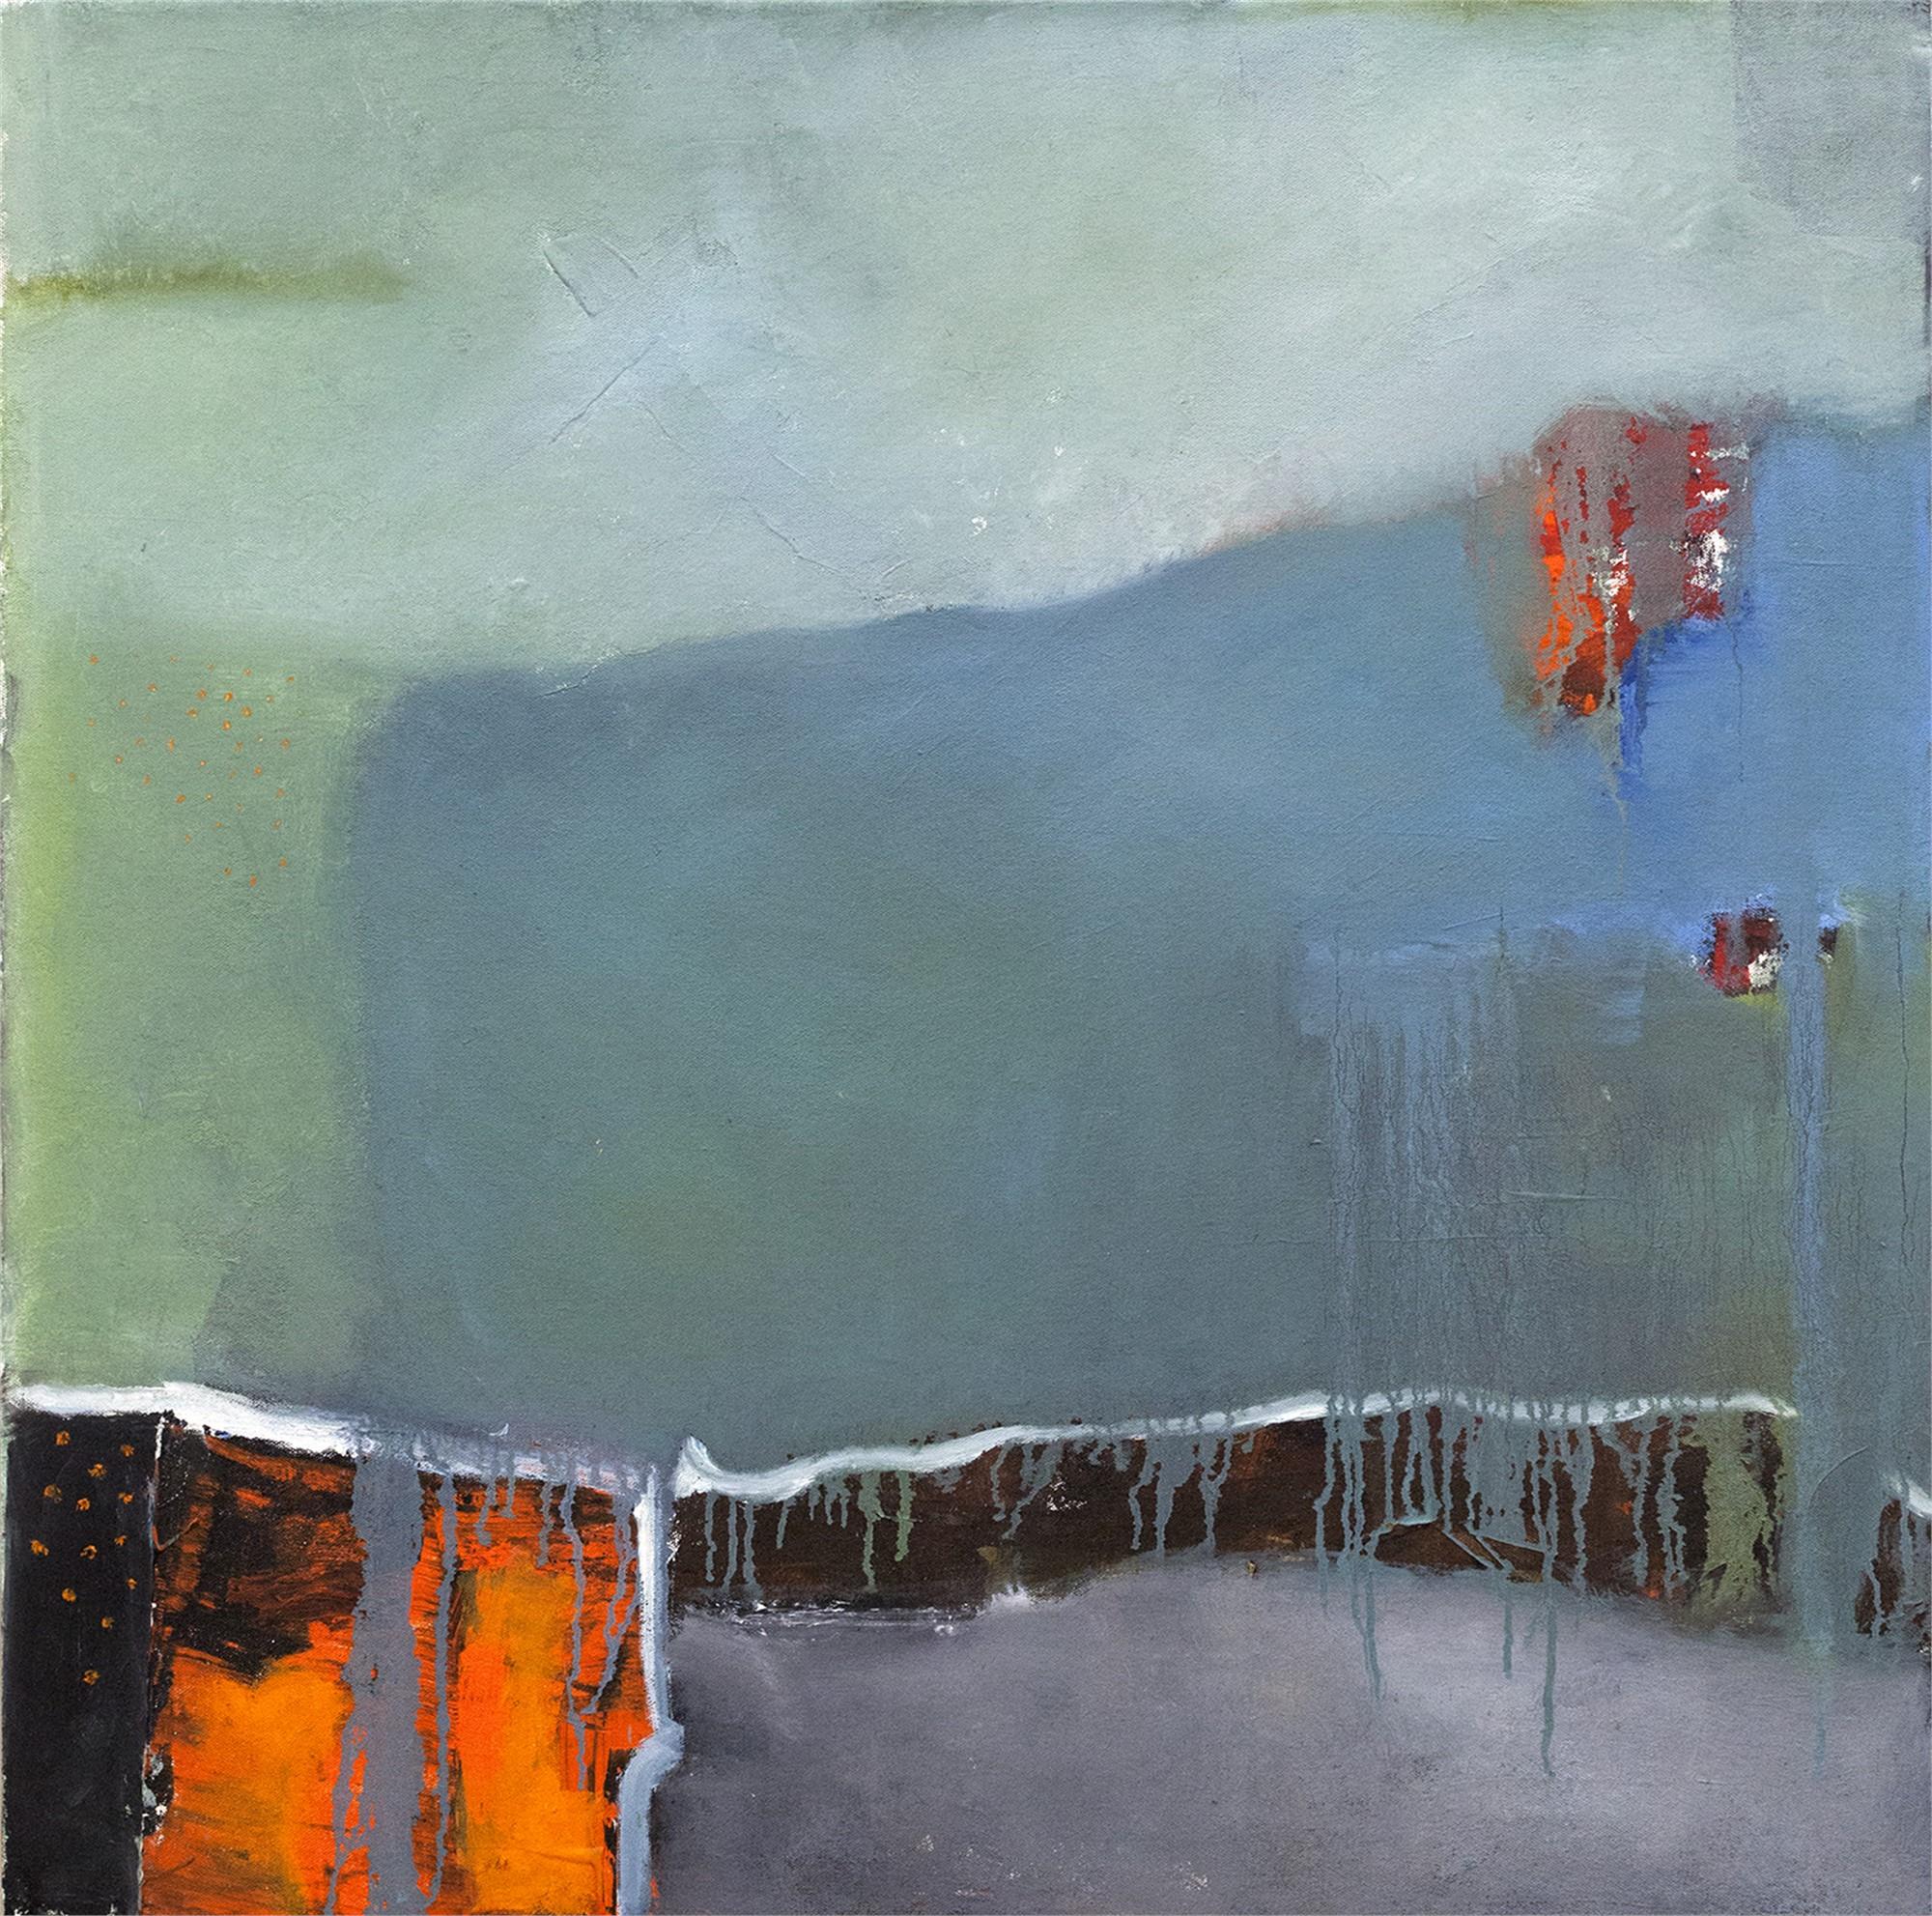 Misty by John McCaw